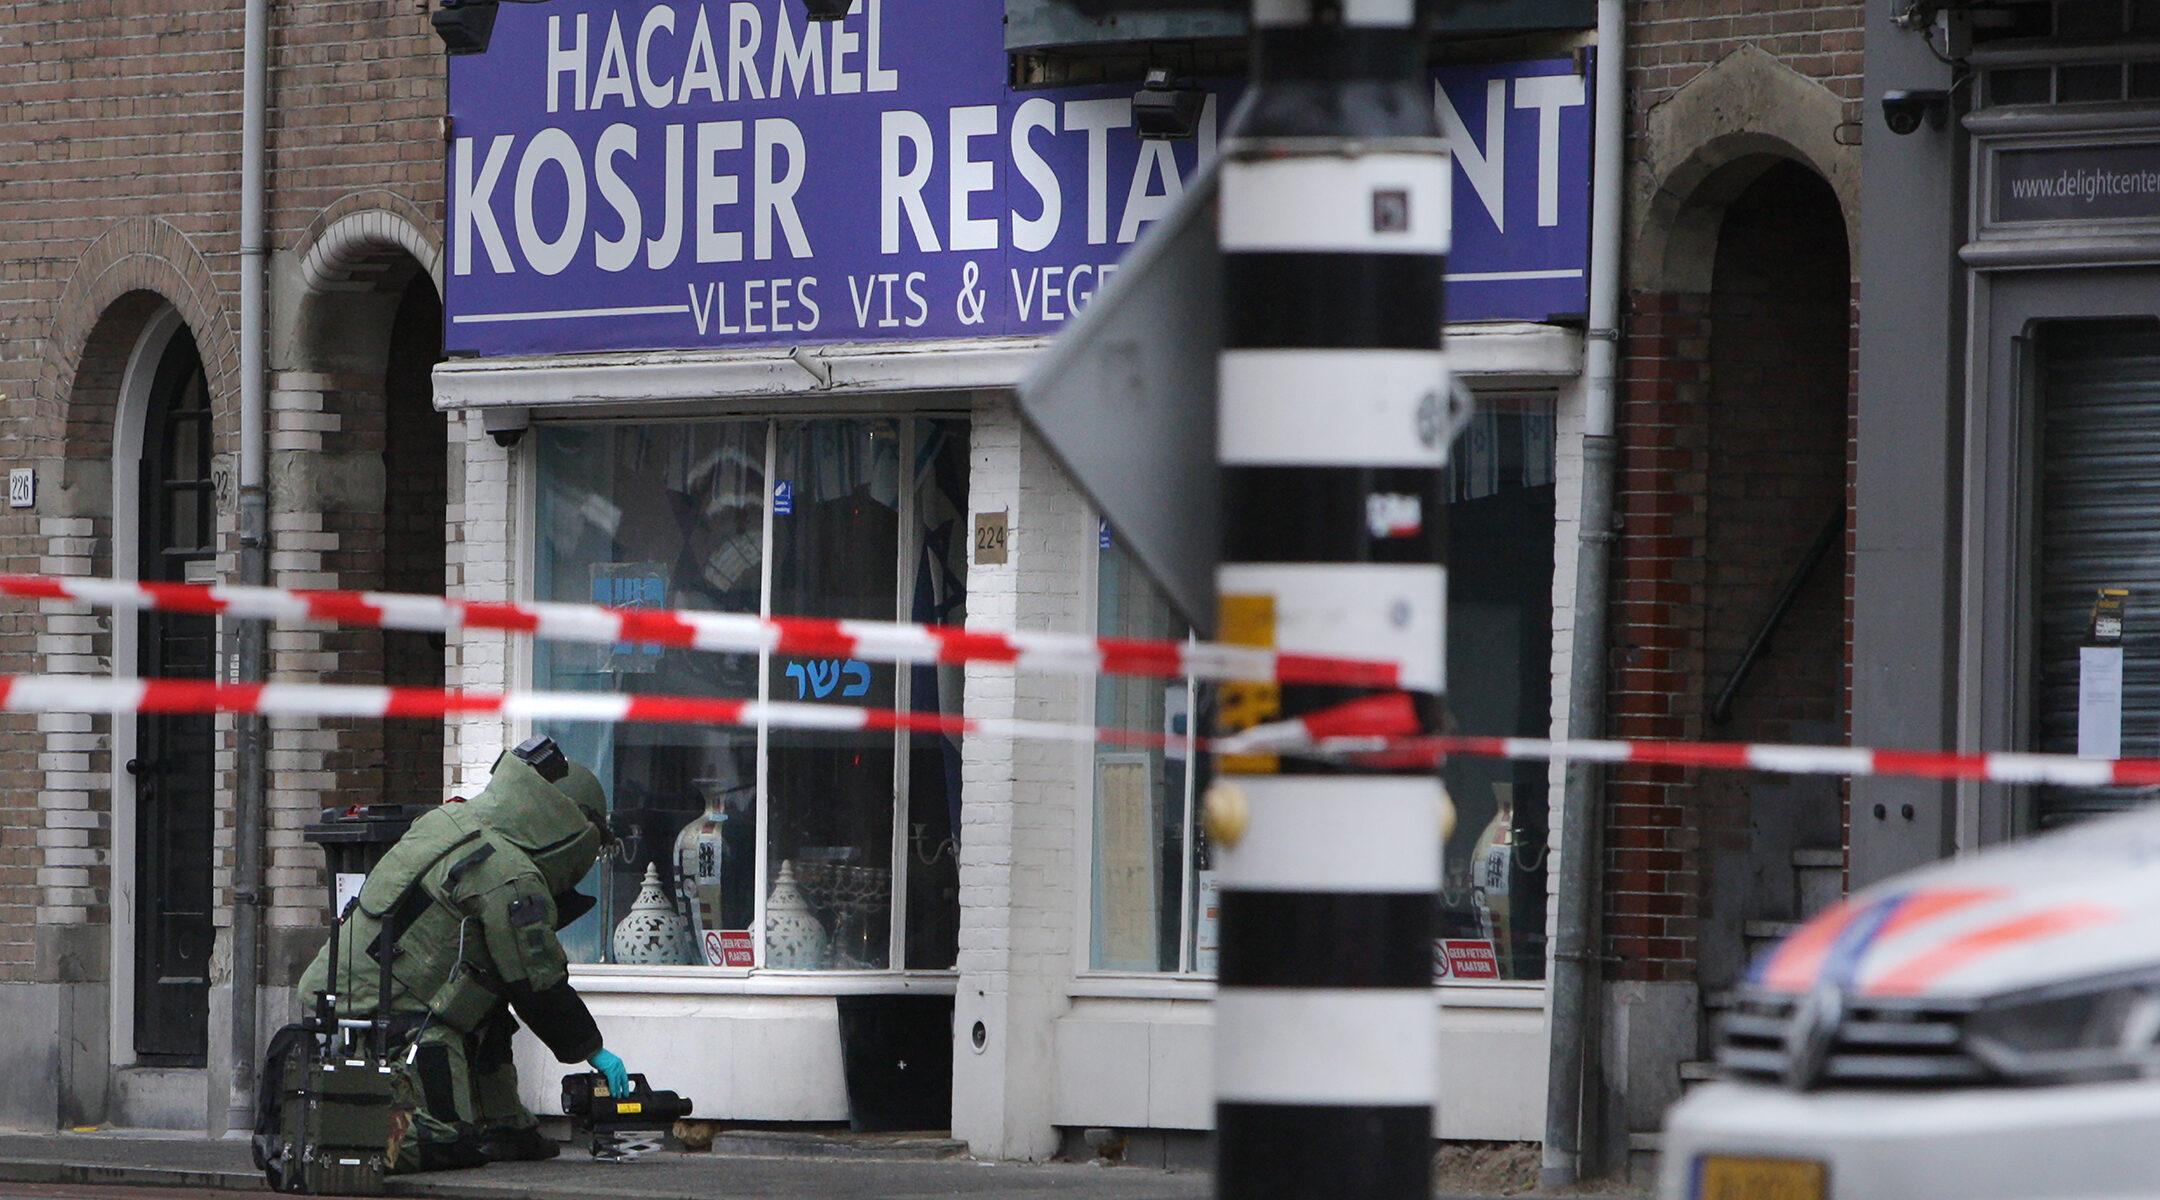 Incidentes antisemitas registrados en los Países Bajos en 2020 disminuyó en un 25% con respecto al año anterior, pero entre los totales más altos en una década